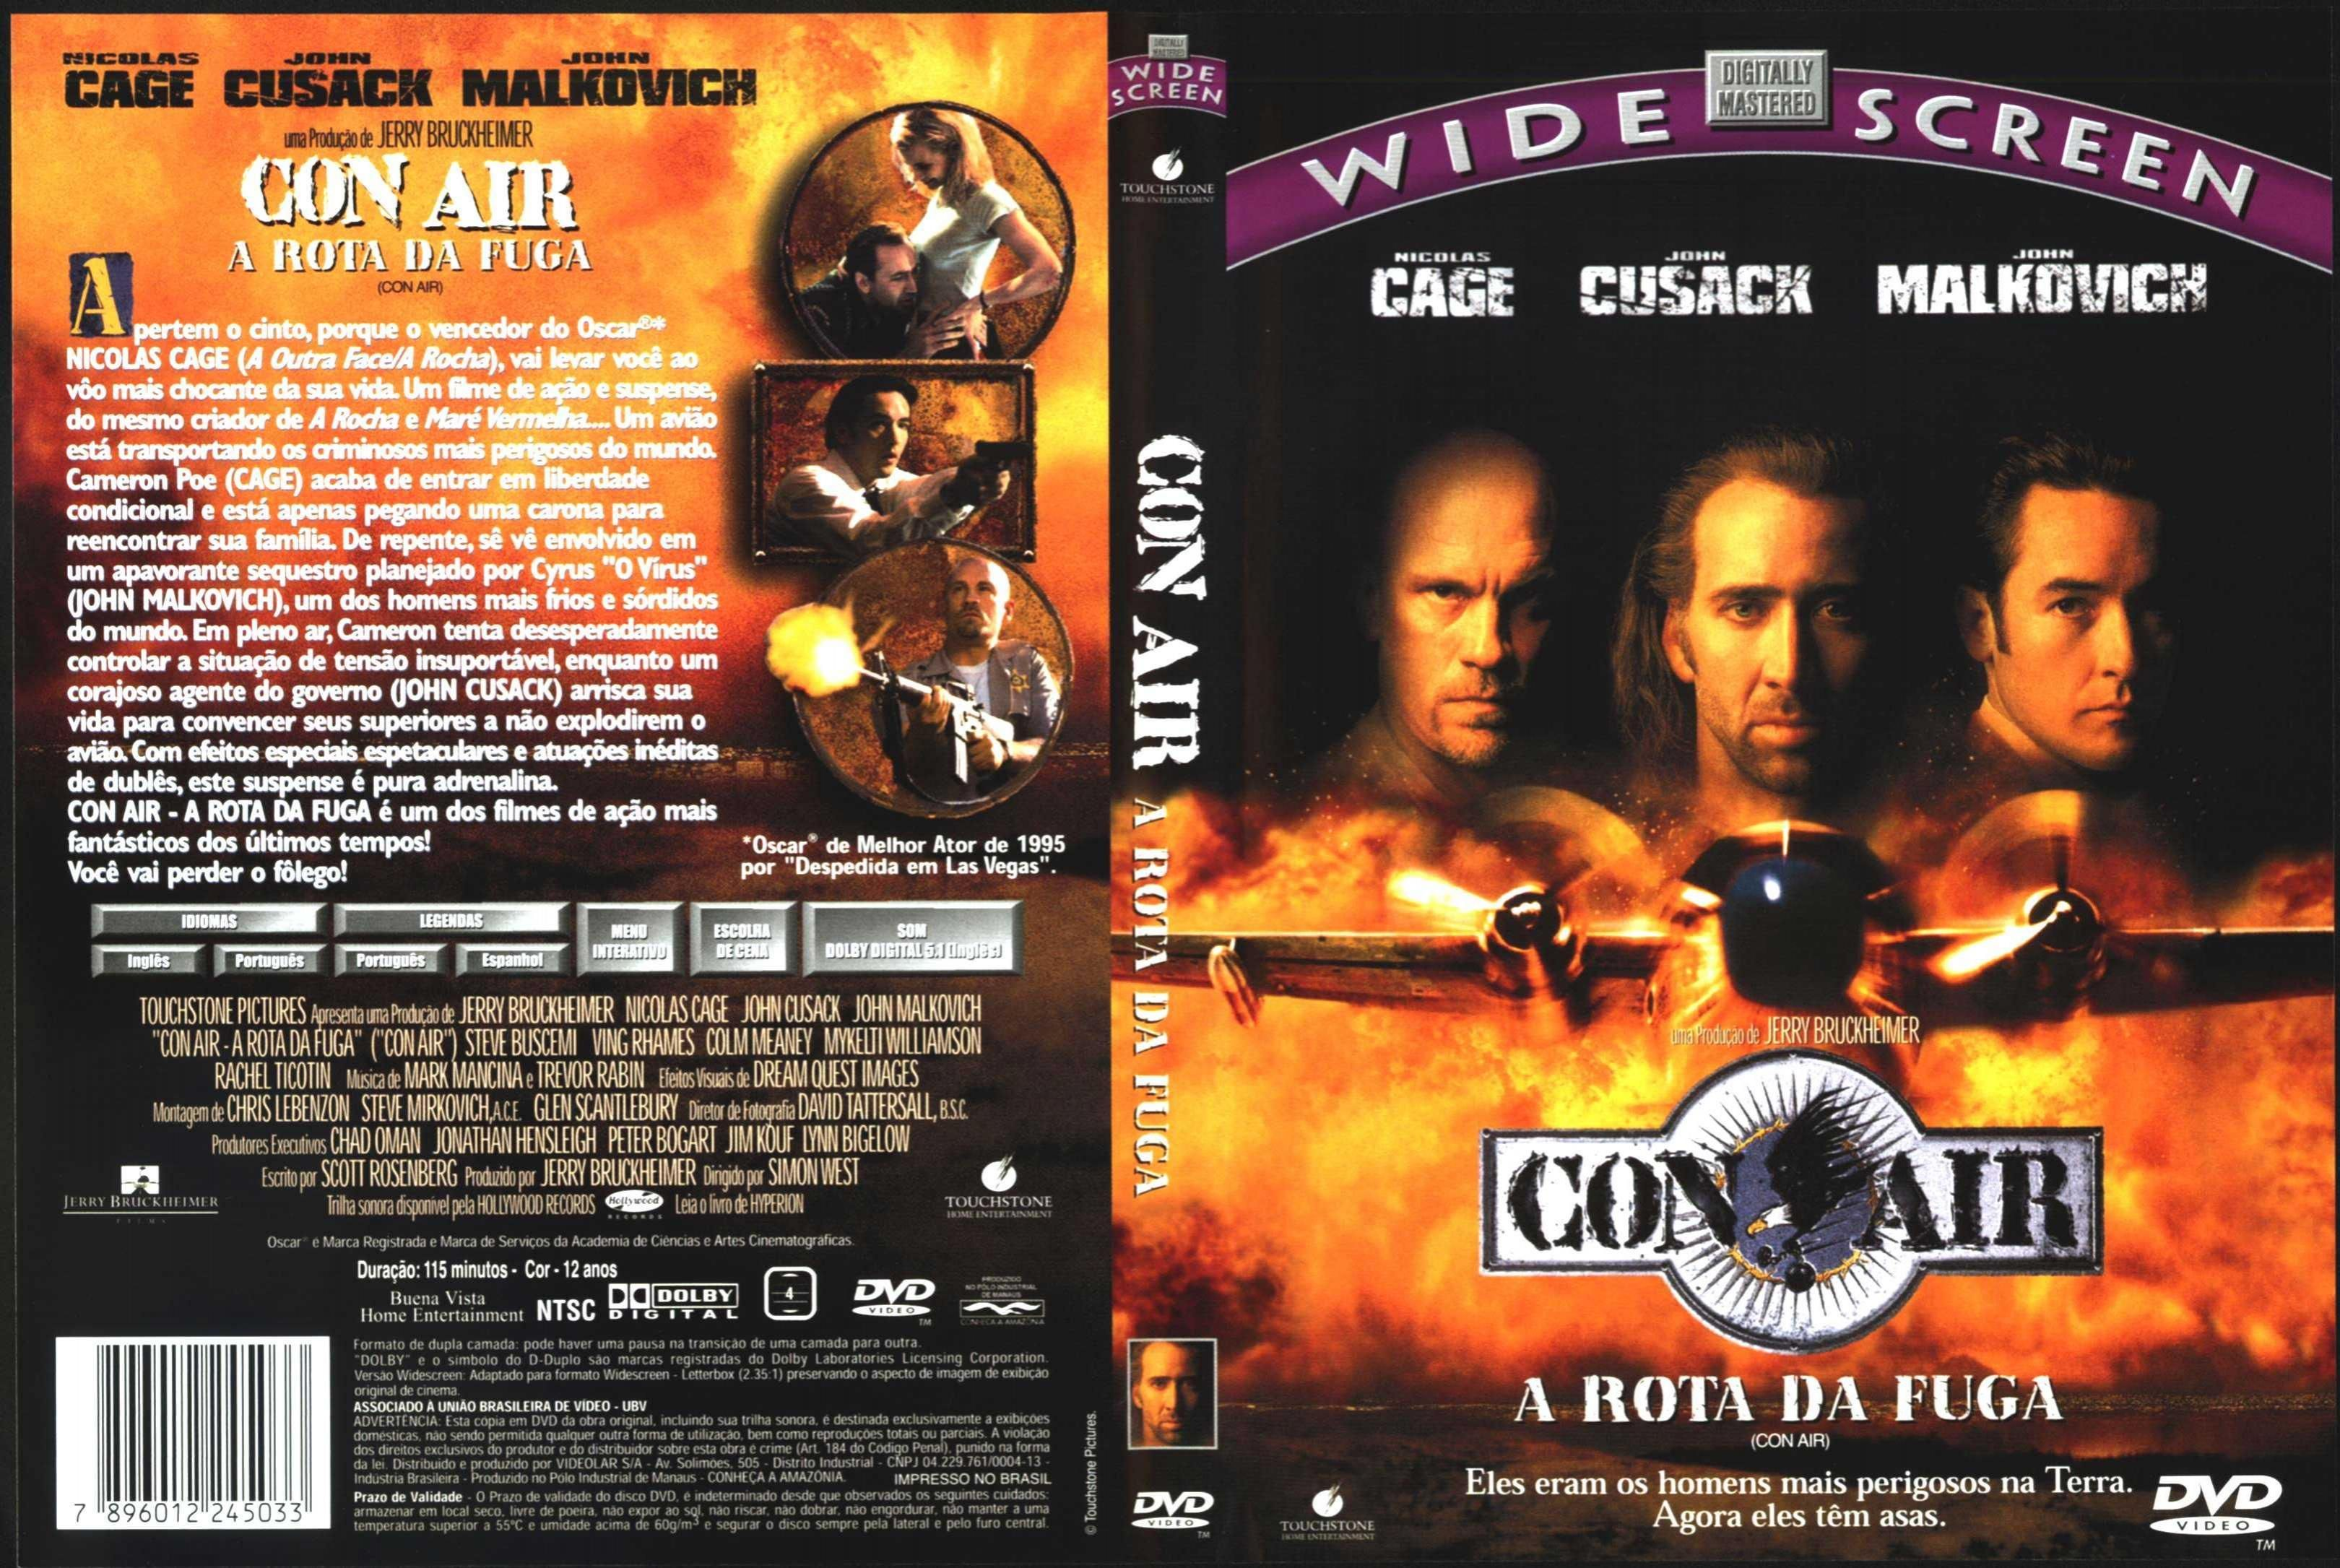 Con Air A Rota Da Fuga Nicolas Cage Filmes Rotas